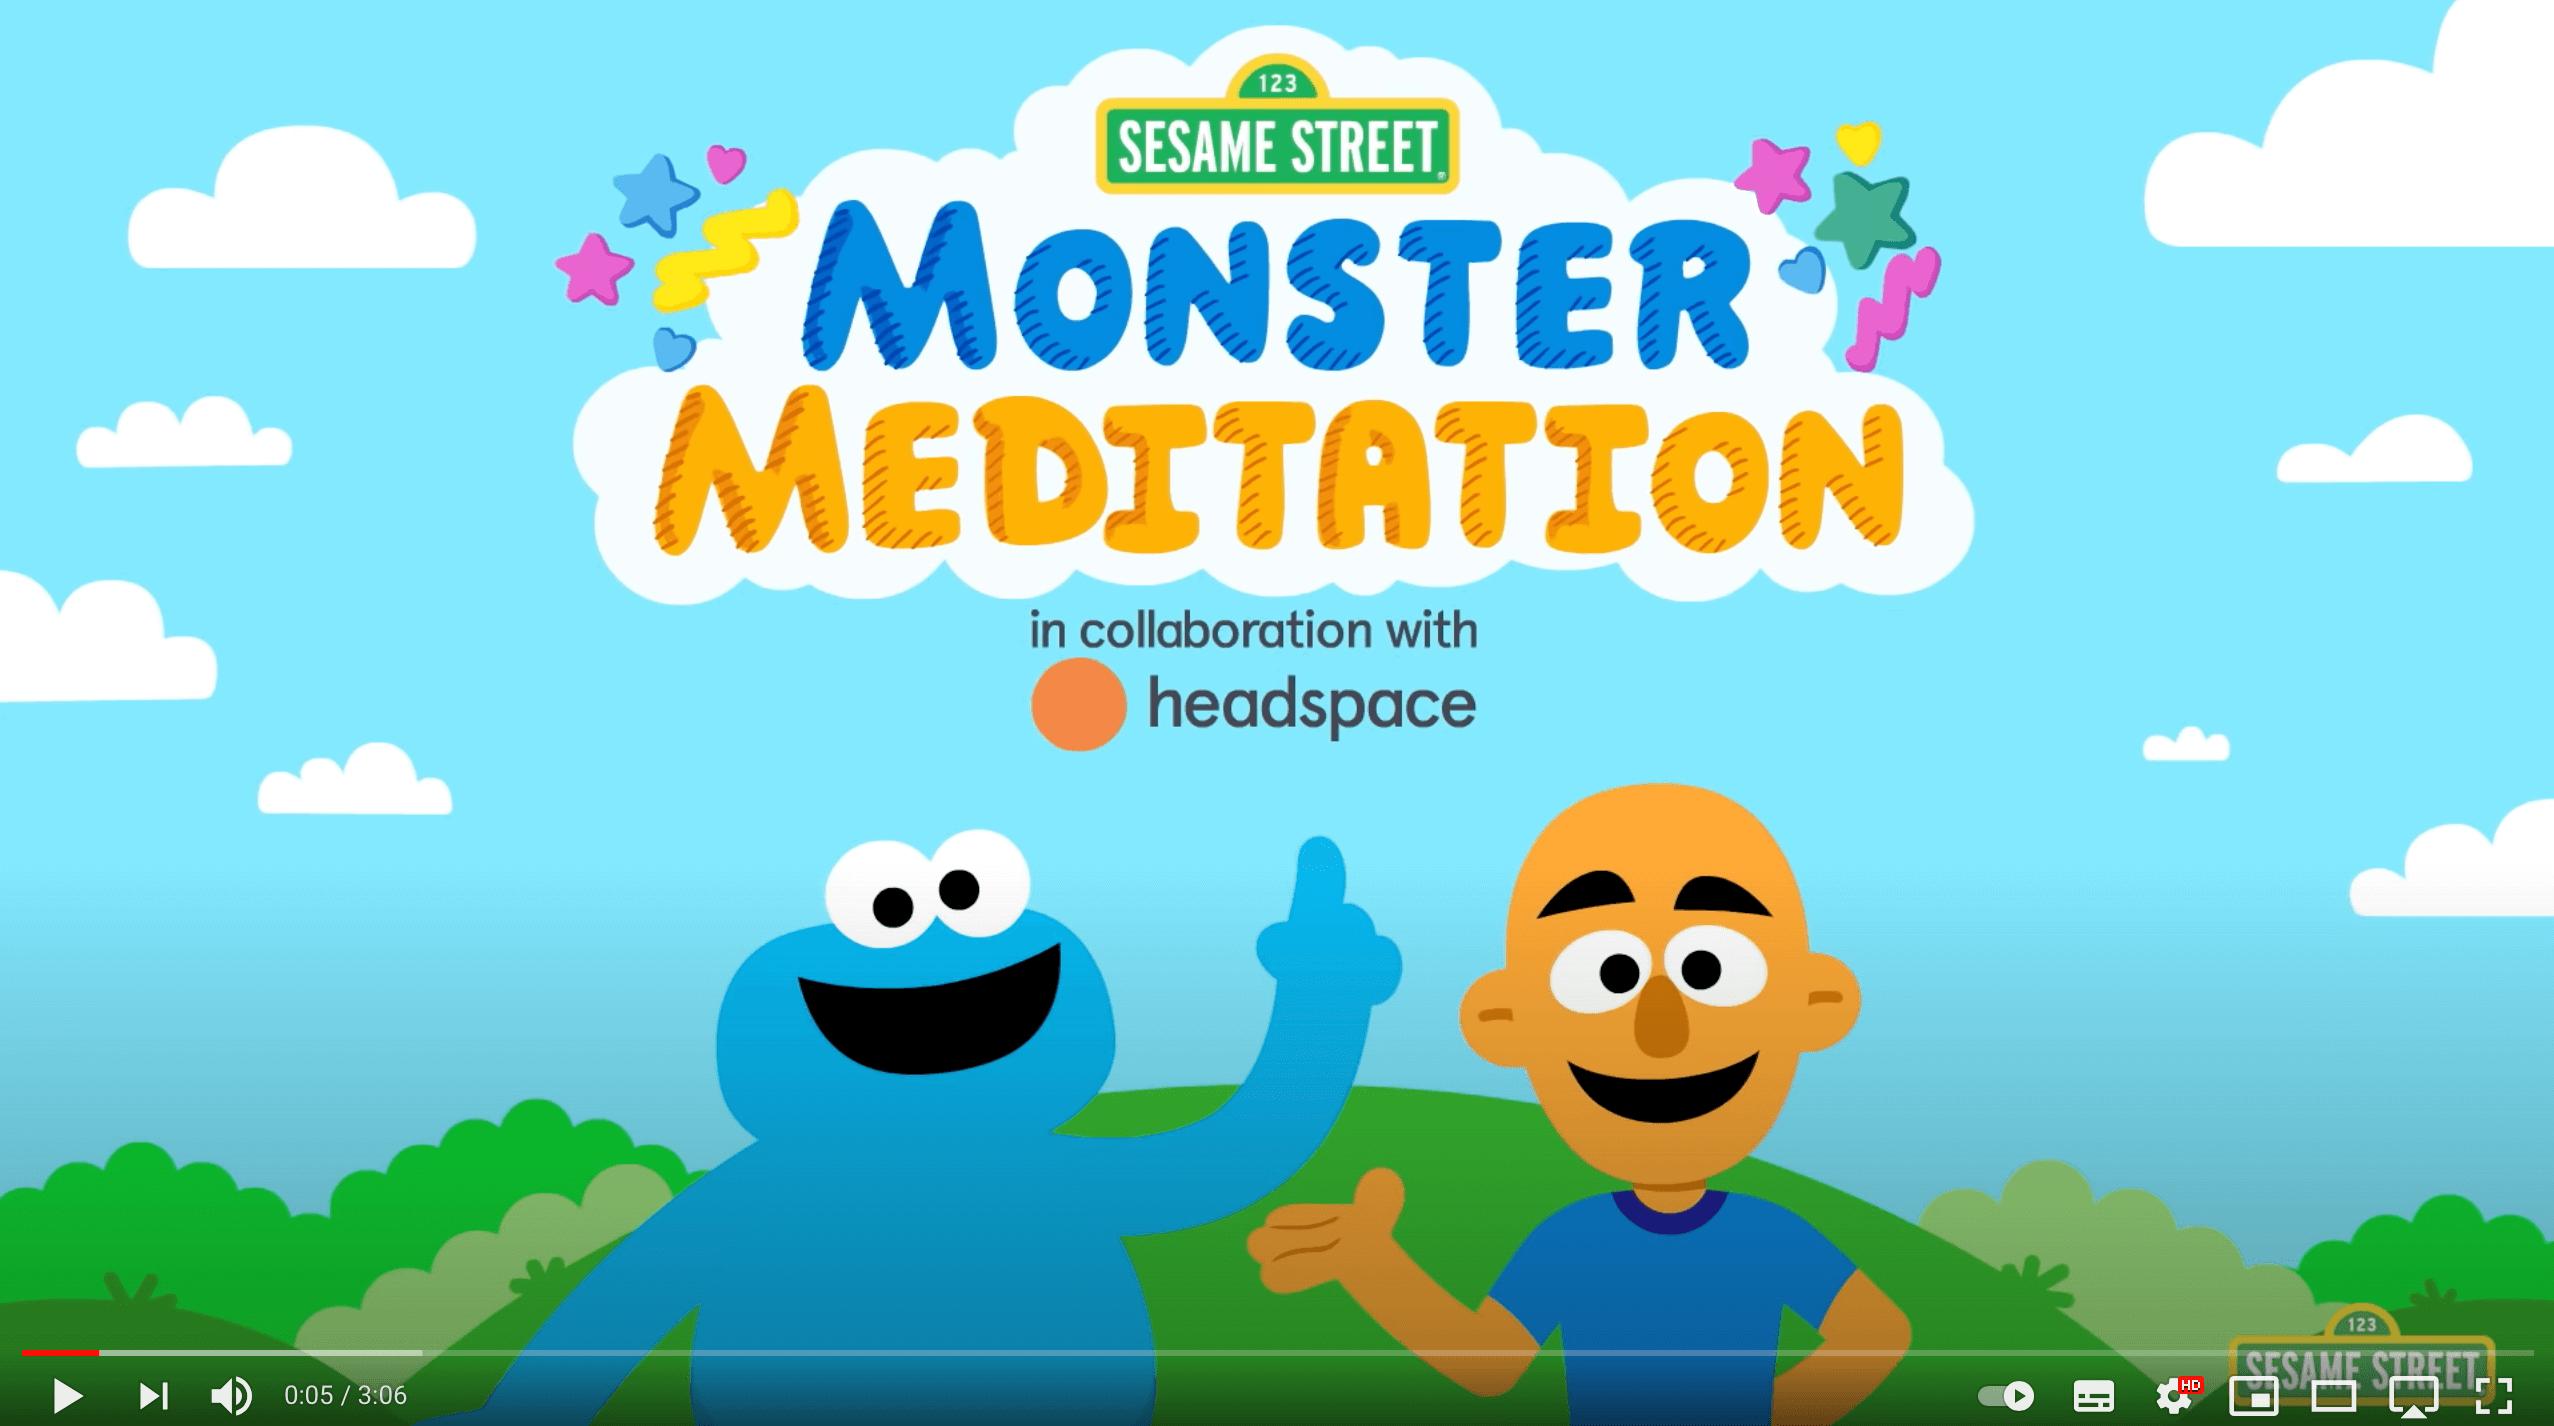 """Gemeinsam mit der beliebten Meditations-App Headspace hat Sesame Street unter dem Namen """"Monster Meditation"""" ein Programm aus sanfter Musik, Soundeffekten und geleiteter Meditation speziell für Kinder entwickelt. Es beinhaltet Videos, eine Podcast-Reihe und Bücher und soll Kindern nicht nur beim Einschlafen helfen, sondern schon früh die Mittel der Meditation an die Hand geben."""